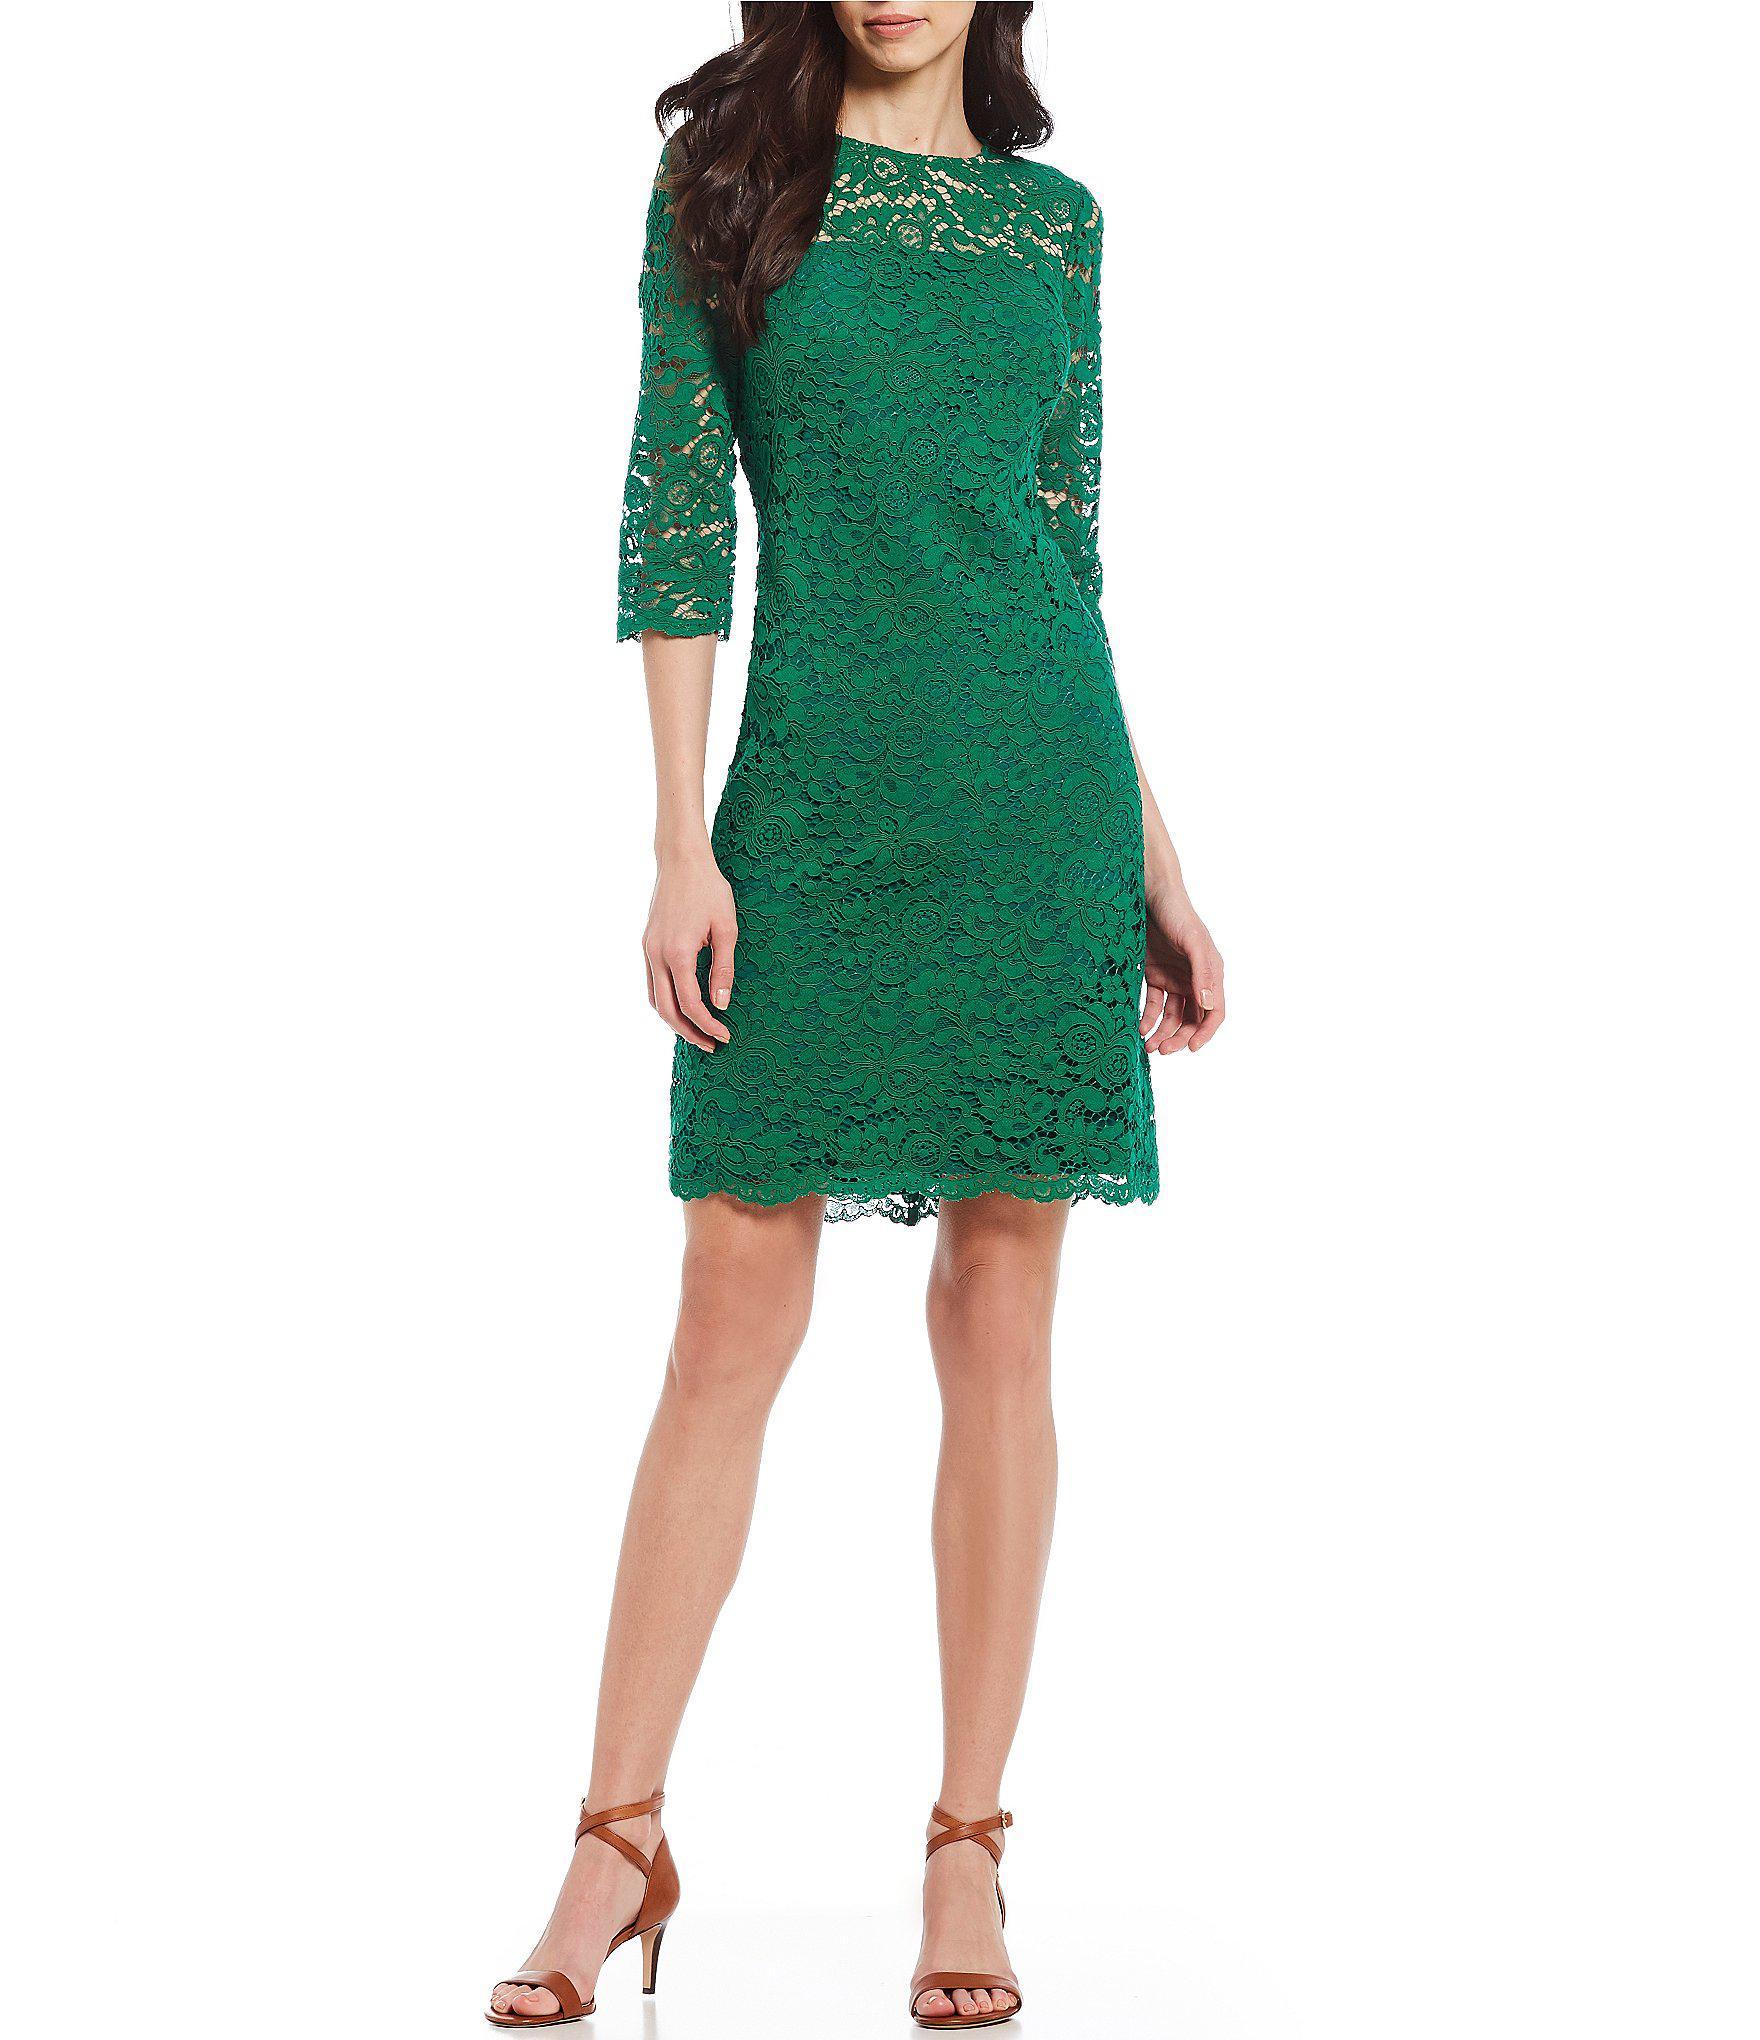 6badb6121a8 Lyst - Lauren By Ralph Lauren Lace Sheath Dress in Green